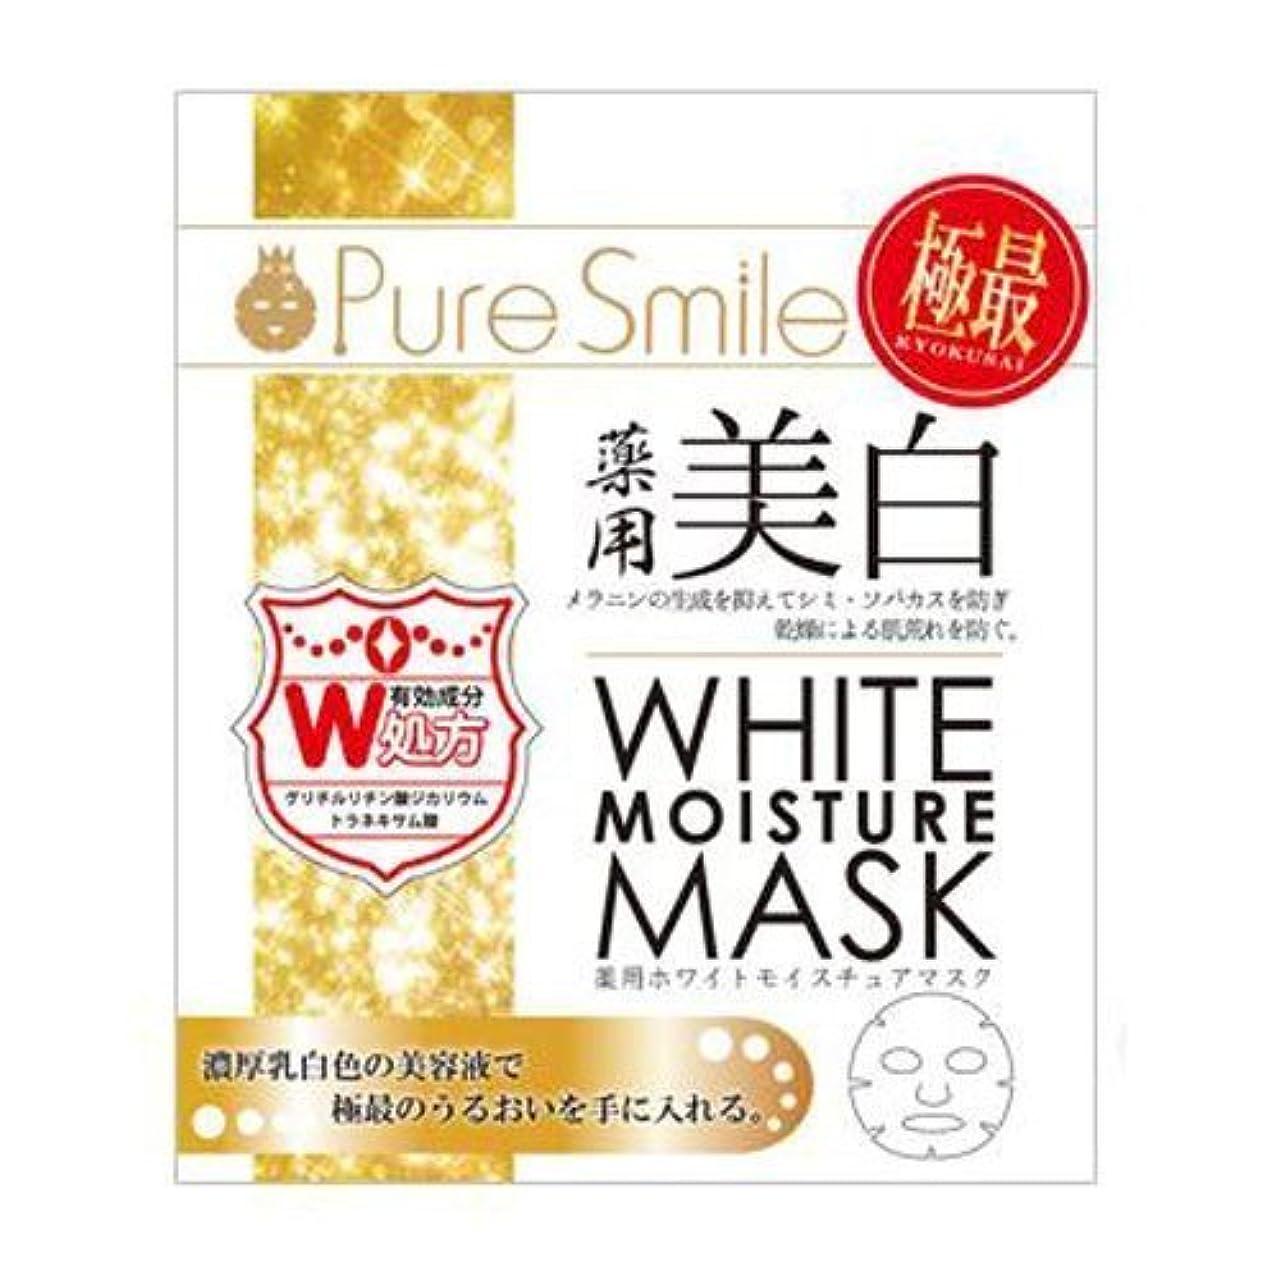 公平な社会主義者女王ピュアスマイル エッセンスマスク 薬用ホワイトモイスチュアマスク